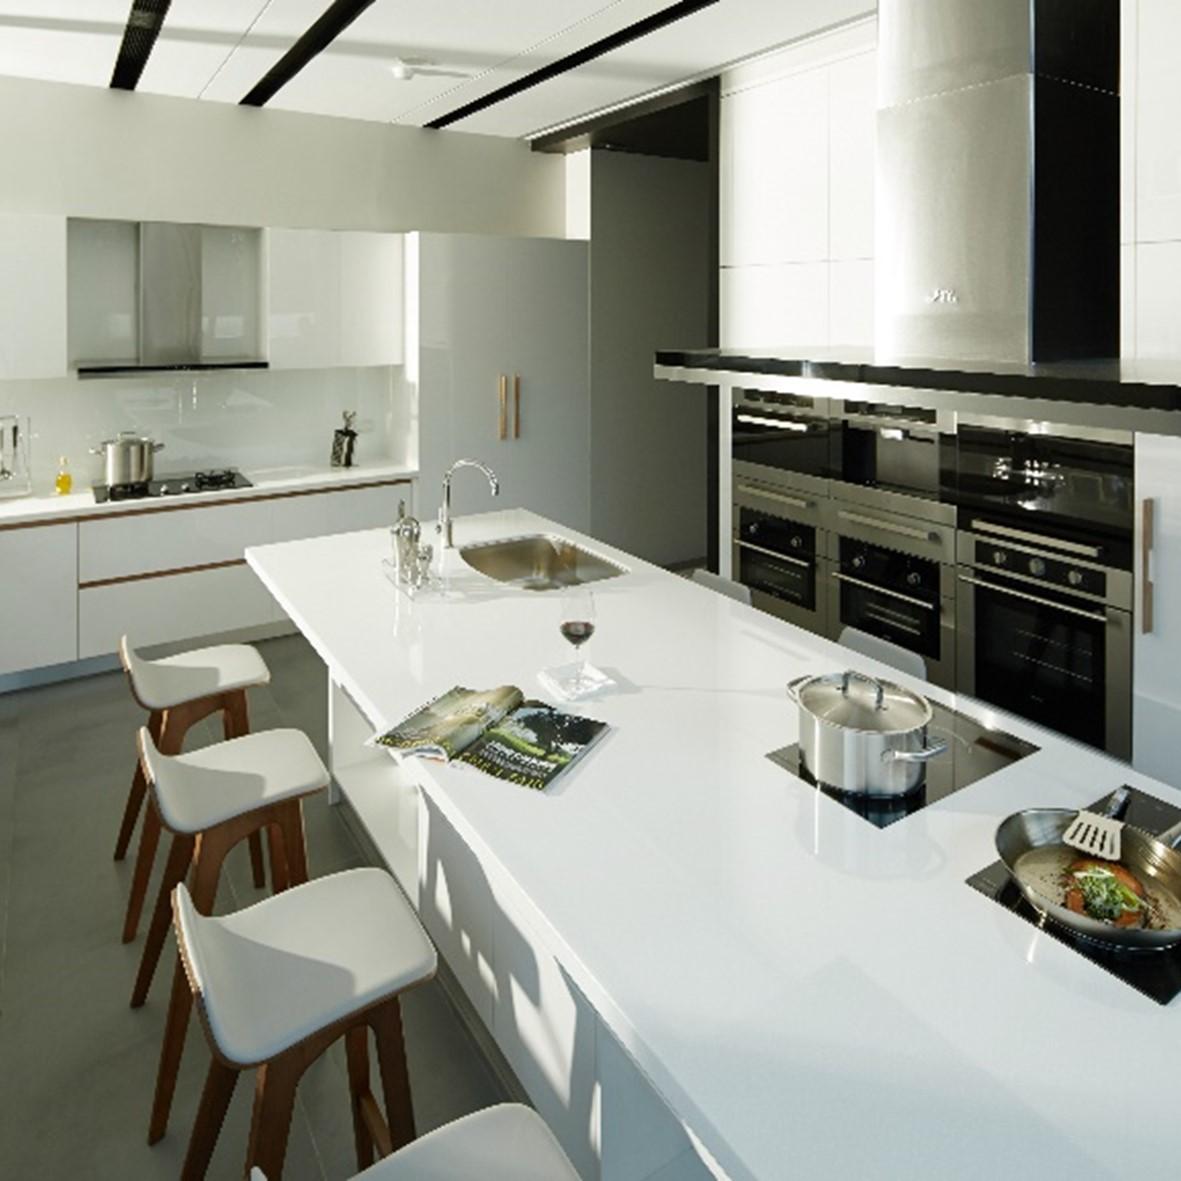 精湛工藝設計  質感廚房必備